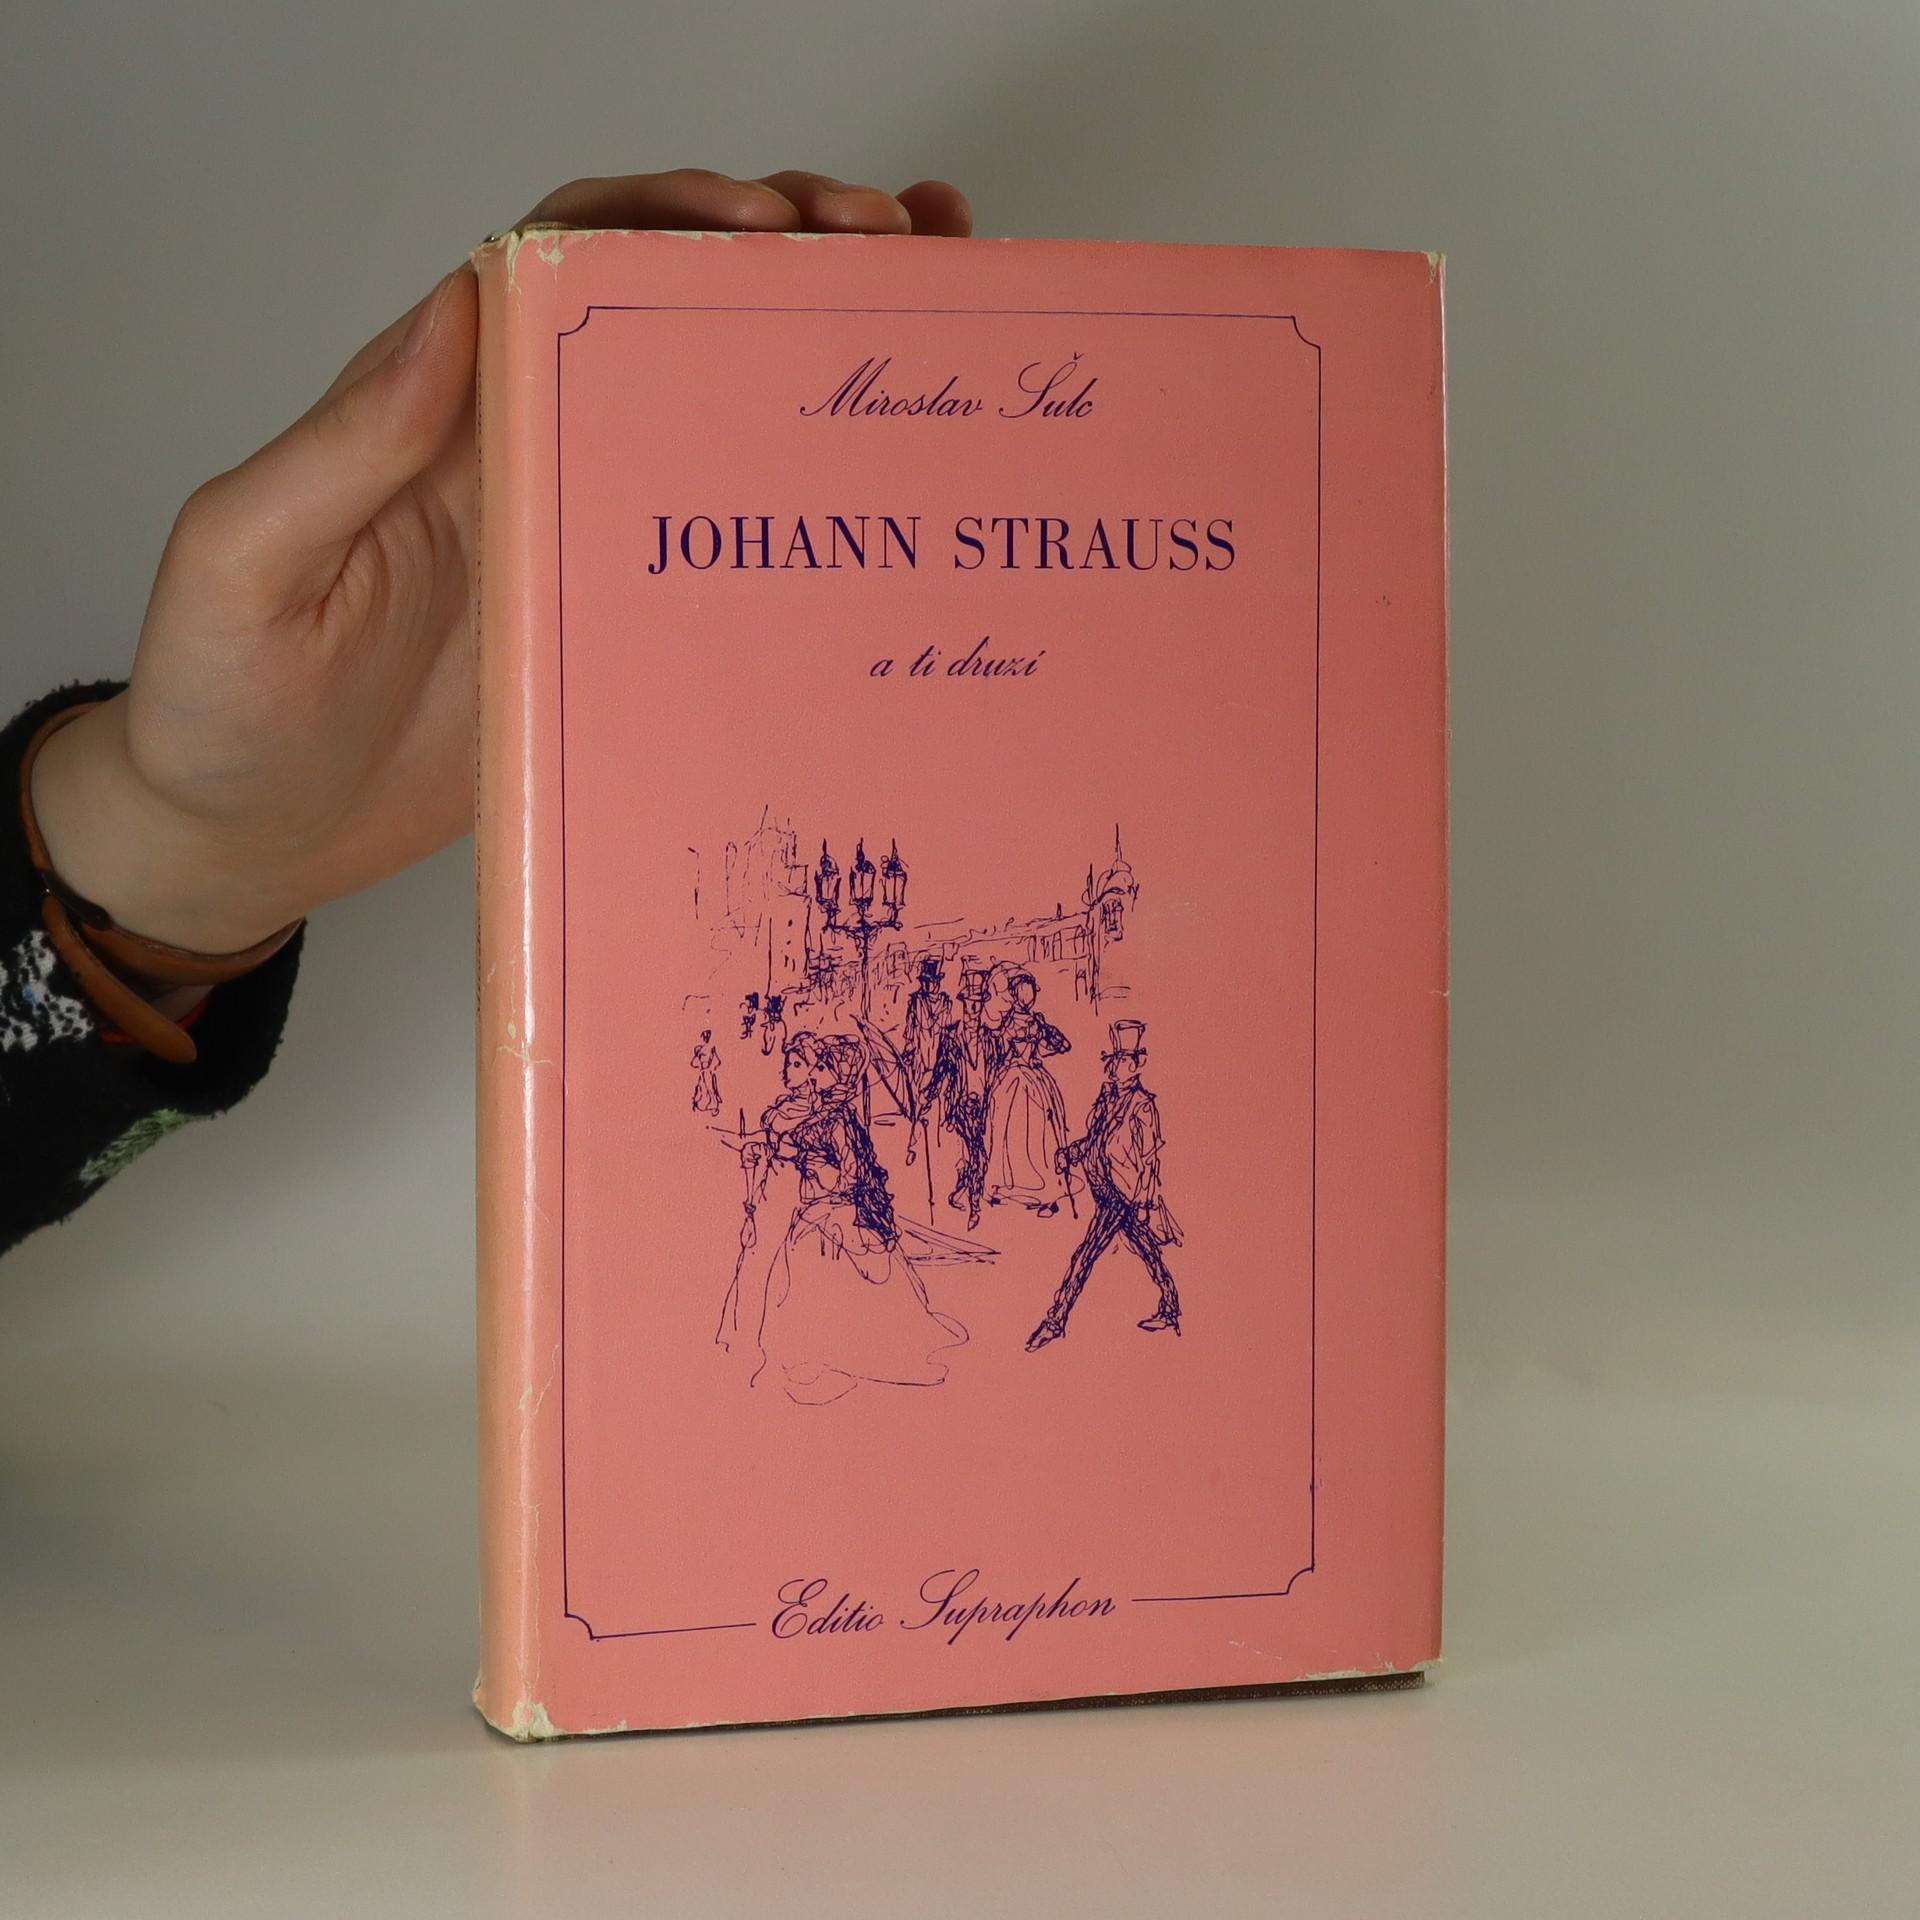 antikvární kniha Johann Strauss a ti druzí, 1985